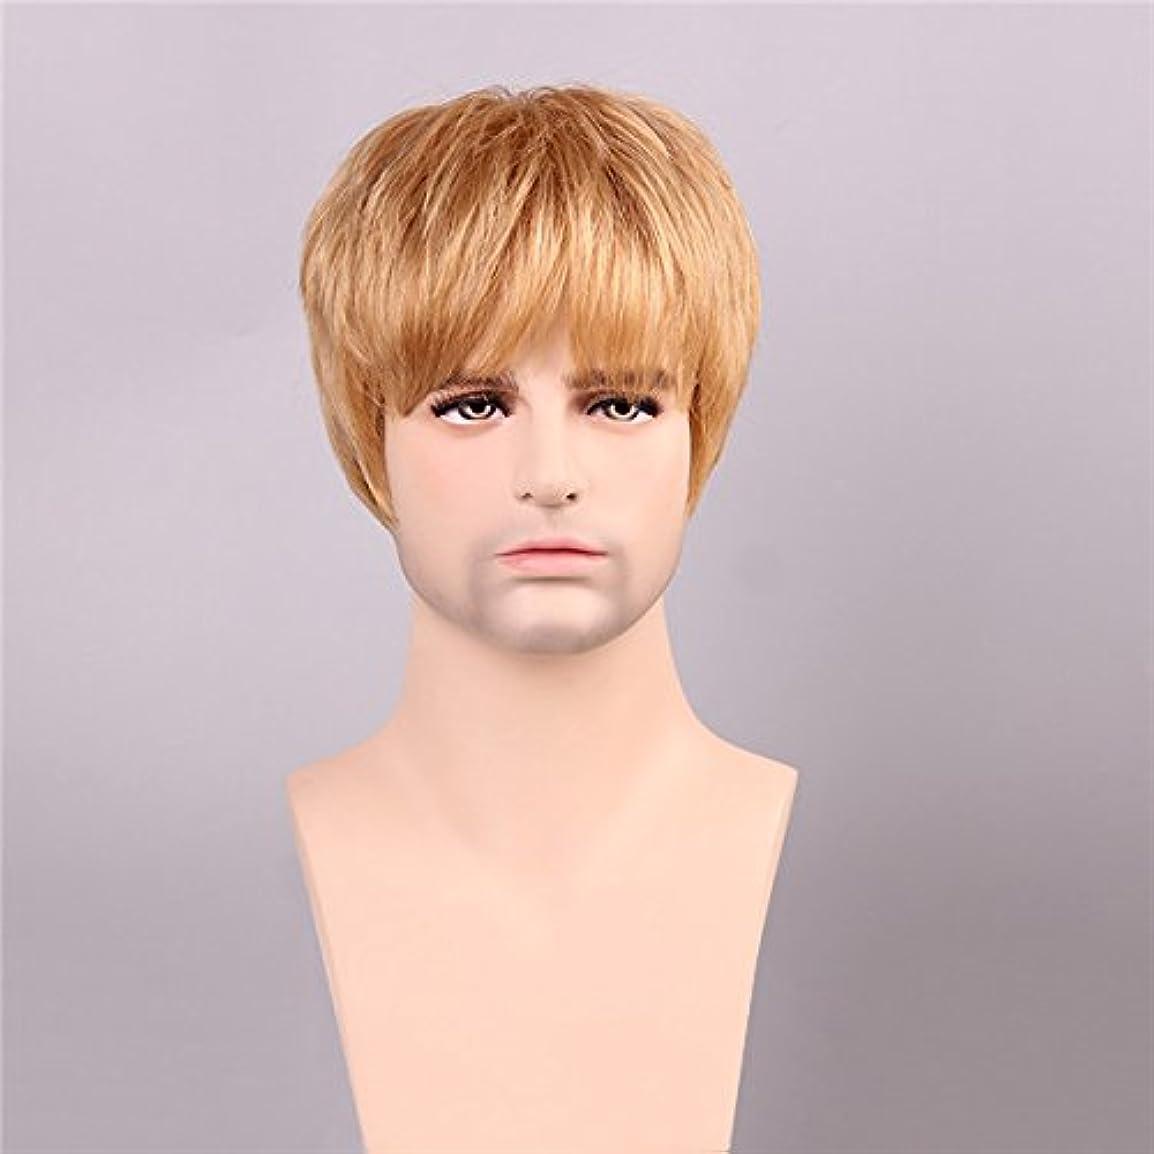 浜辺アジテーション不満YZUEYT 男性の人間の髪のウィッグゴールデンブラウンブロンドショートモノラルトップ男性男性レミーCapless YZUEYT (Size : One size)